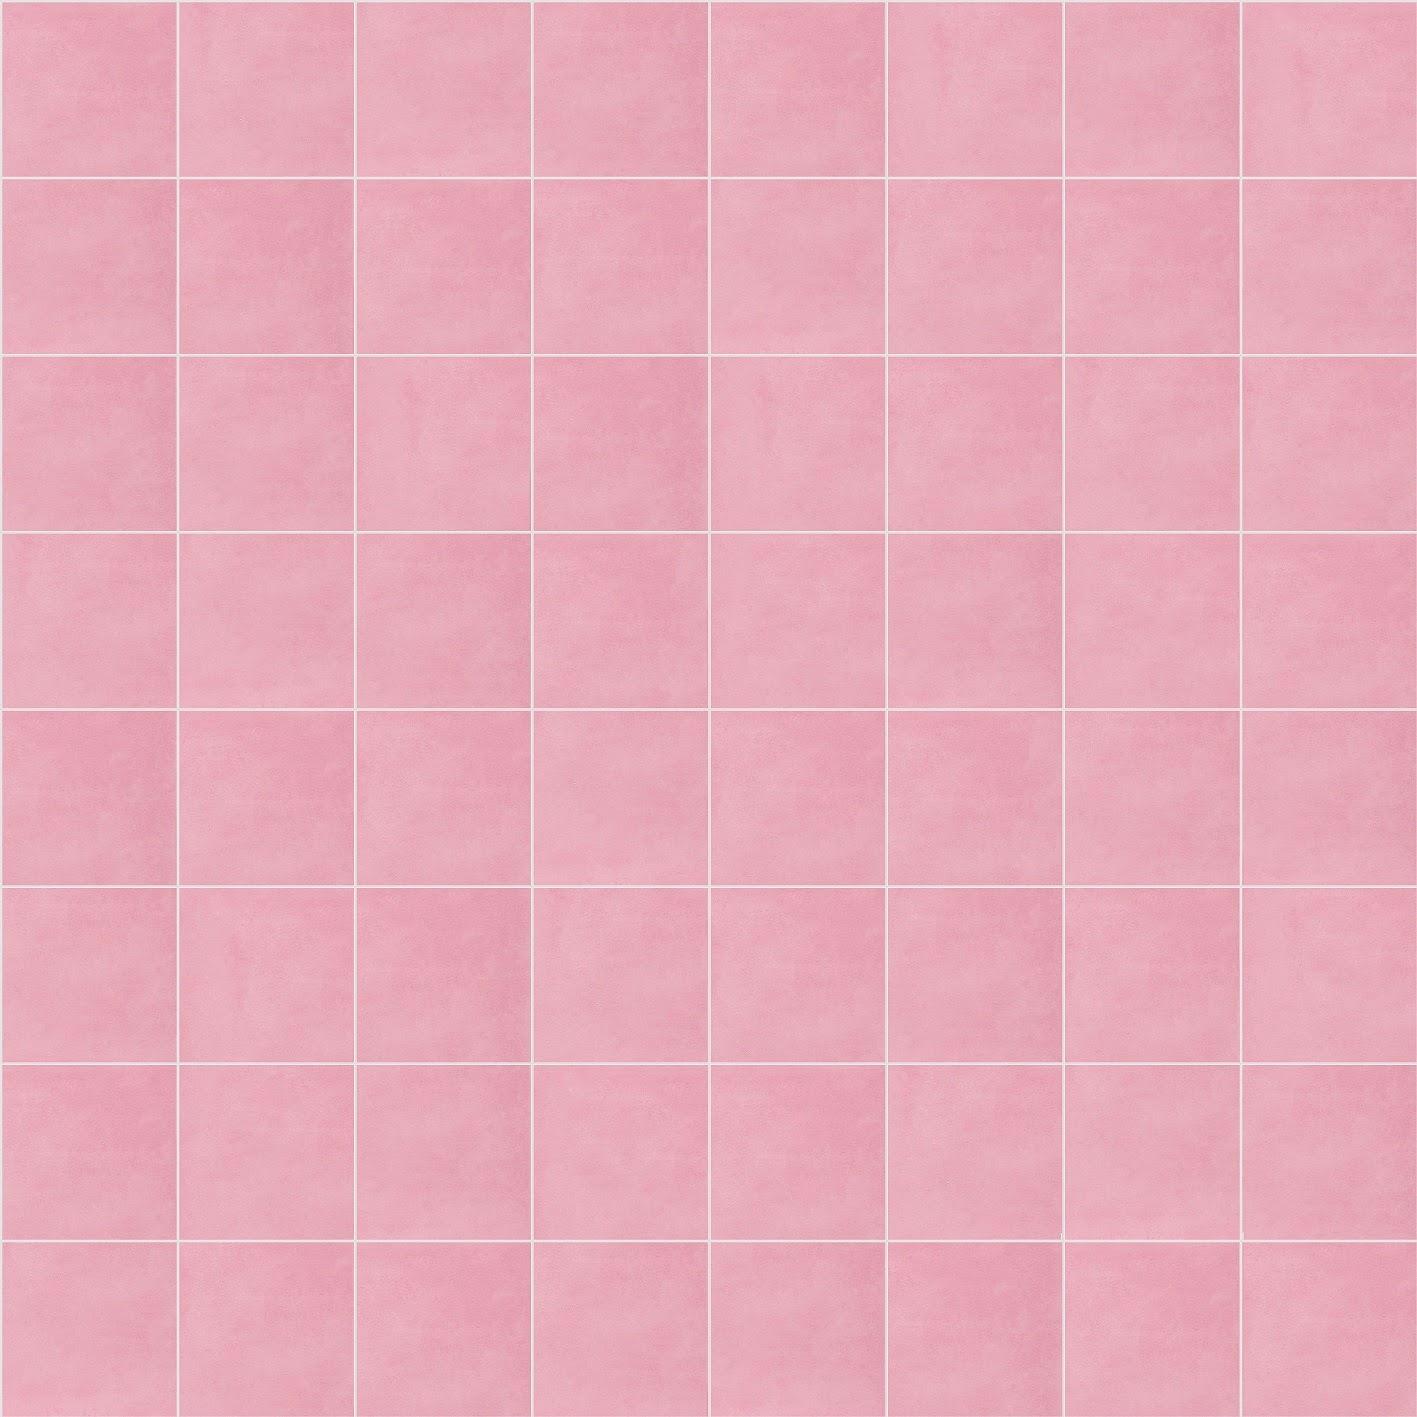 Simo texture seamless piastrelle vari colori - Piastrelle bagno texture ...